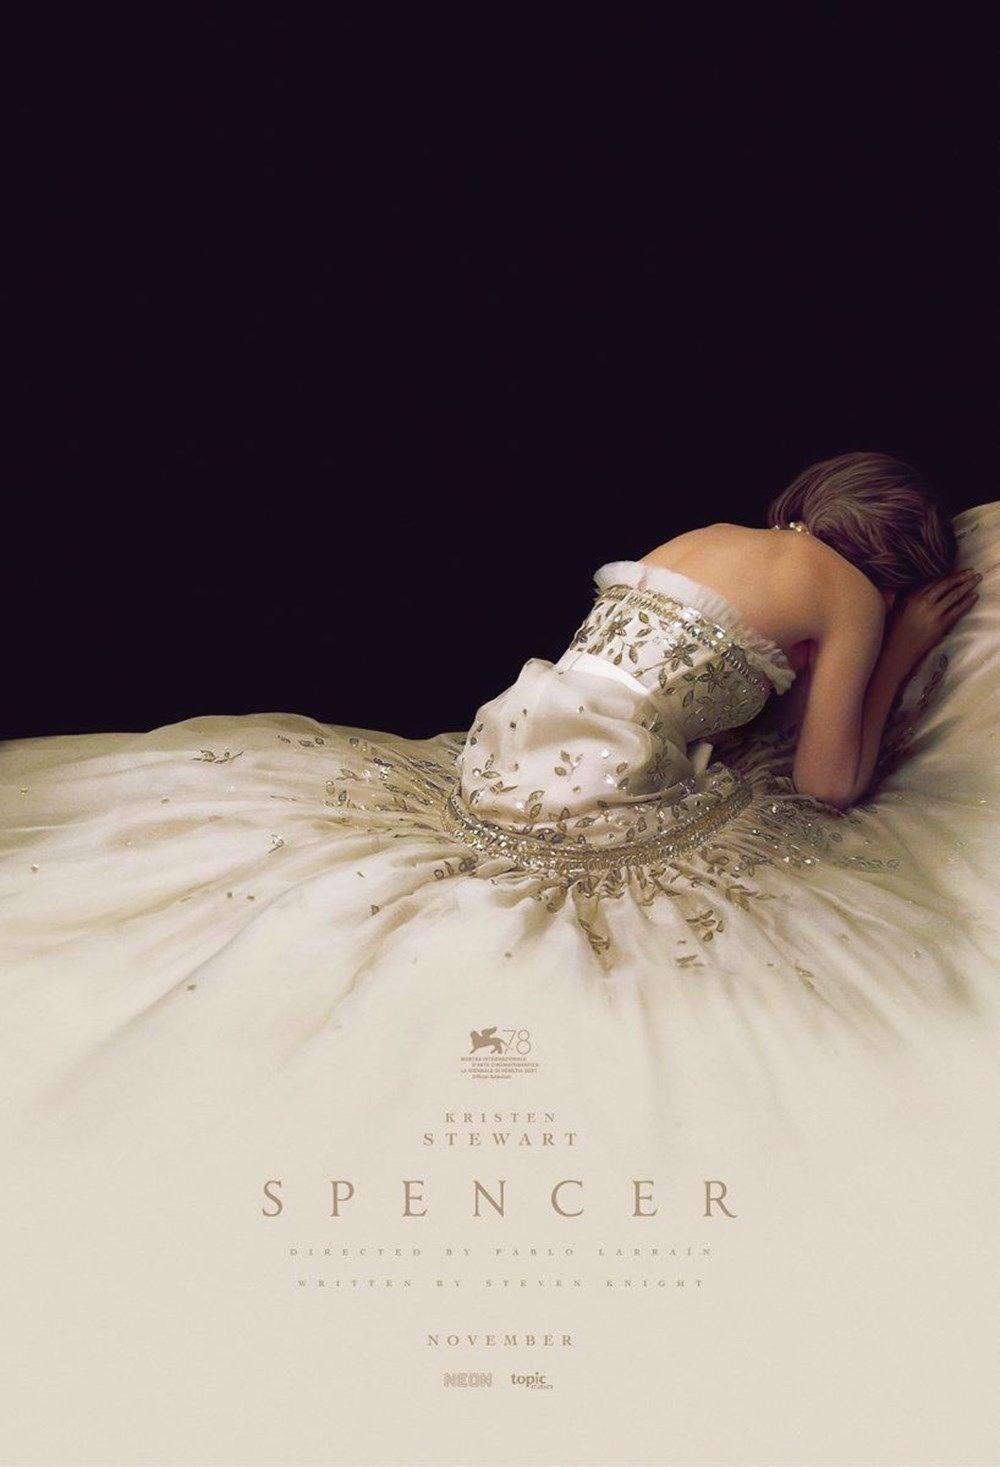 Prenses Diana'nın hayatını anlatan Spencer filminin vizyon tarihi belli oldu - 2